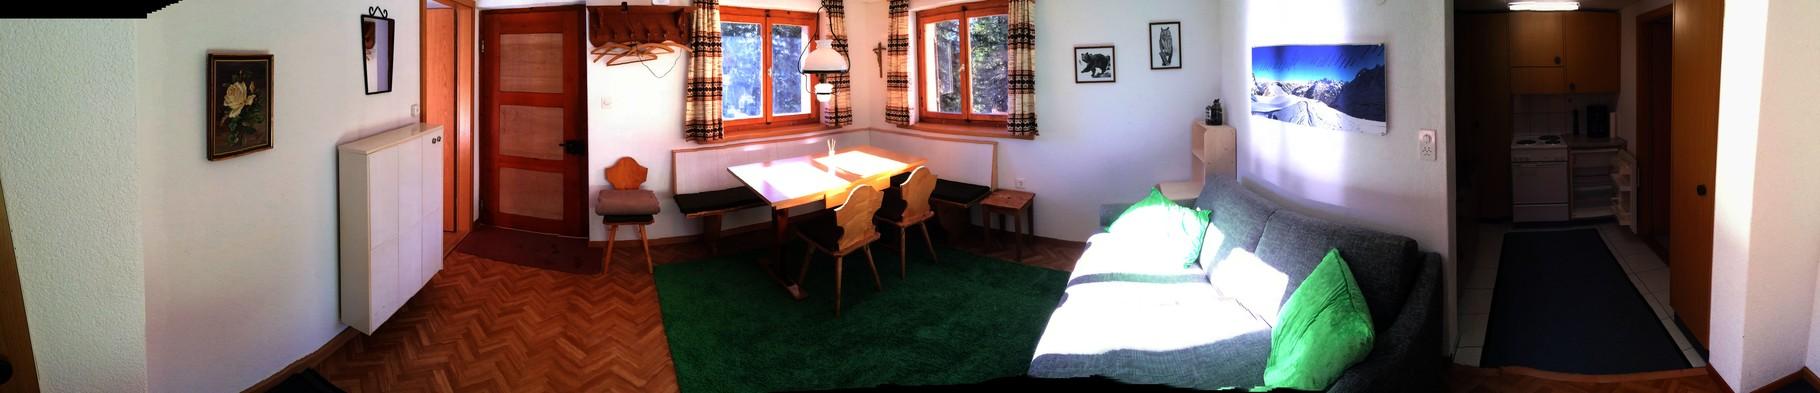 Blick ins Wohnzimmer mit Esstisch und Bettsofa